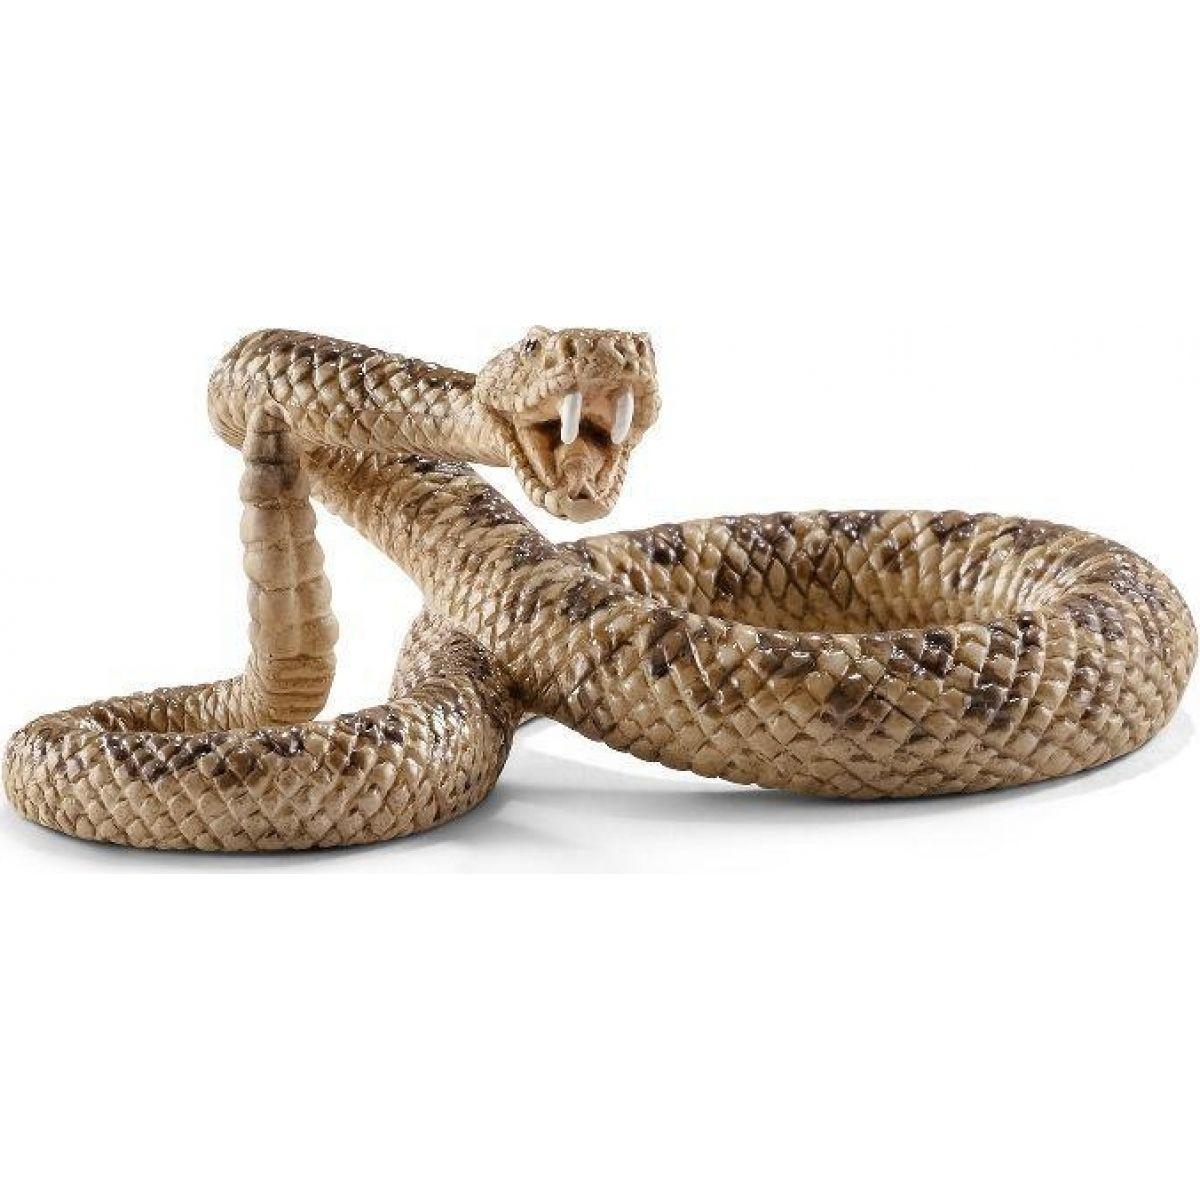 Schleich Wild Life Rattlesnake